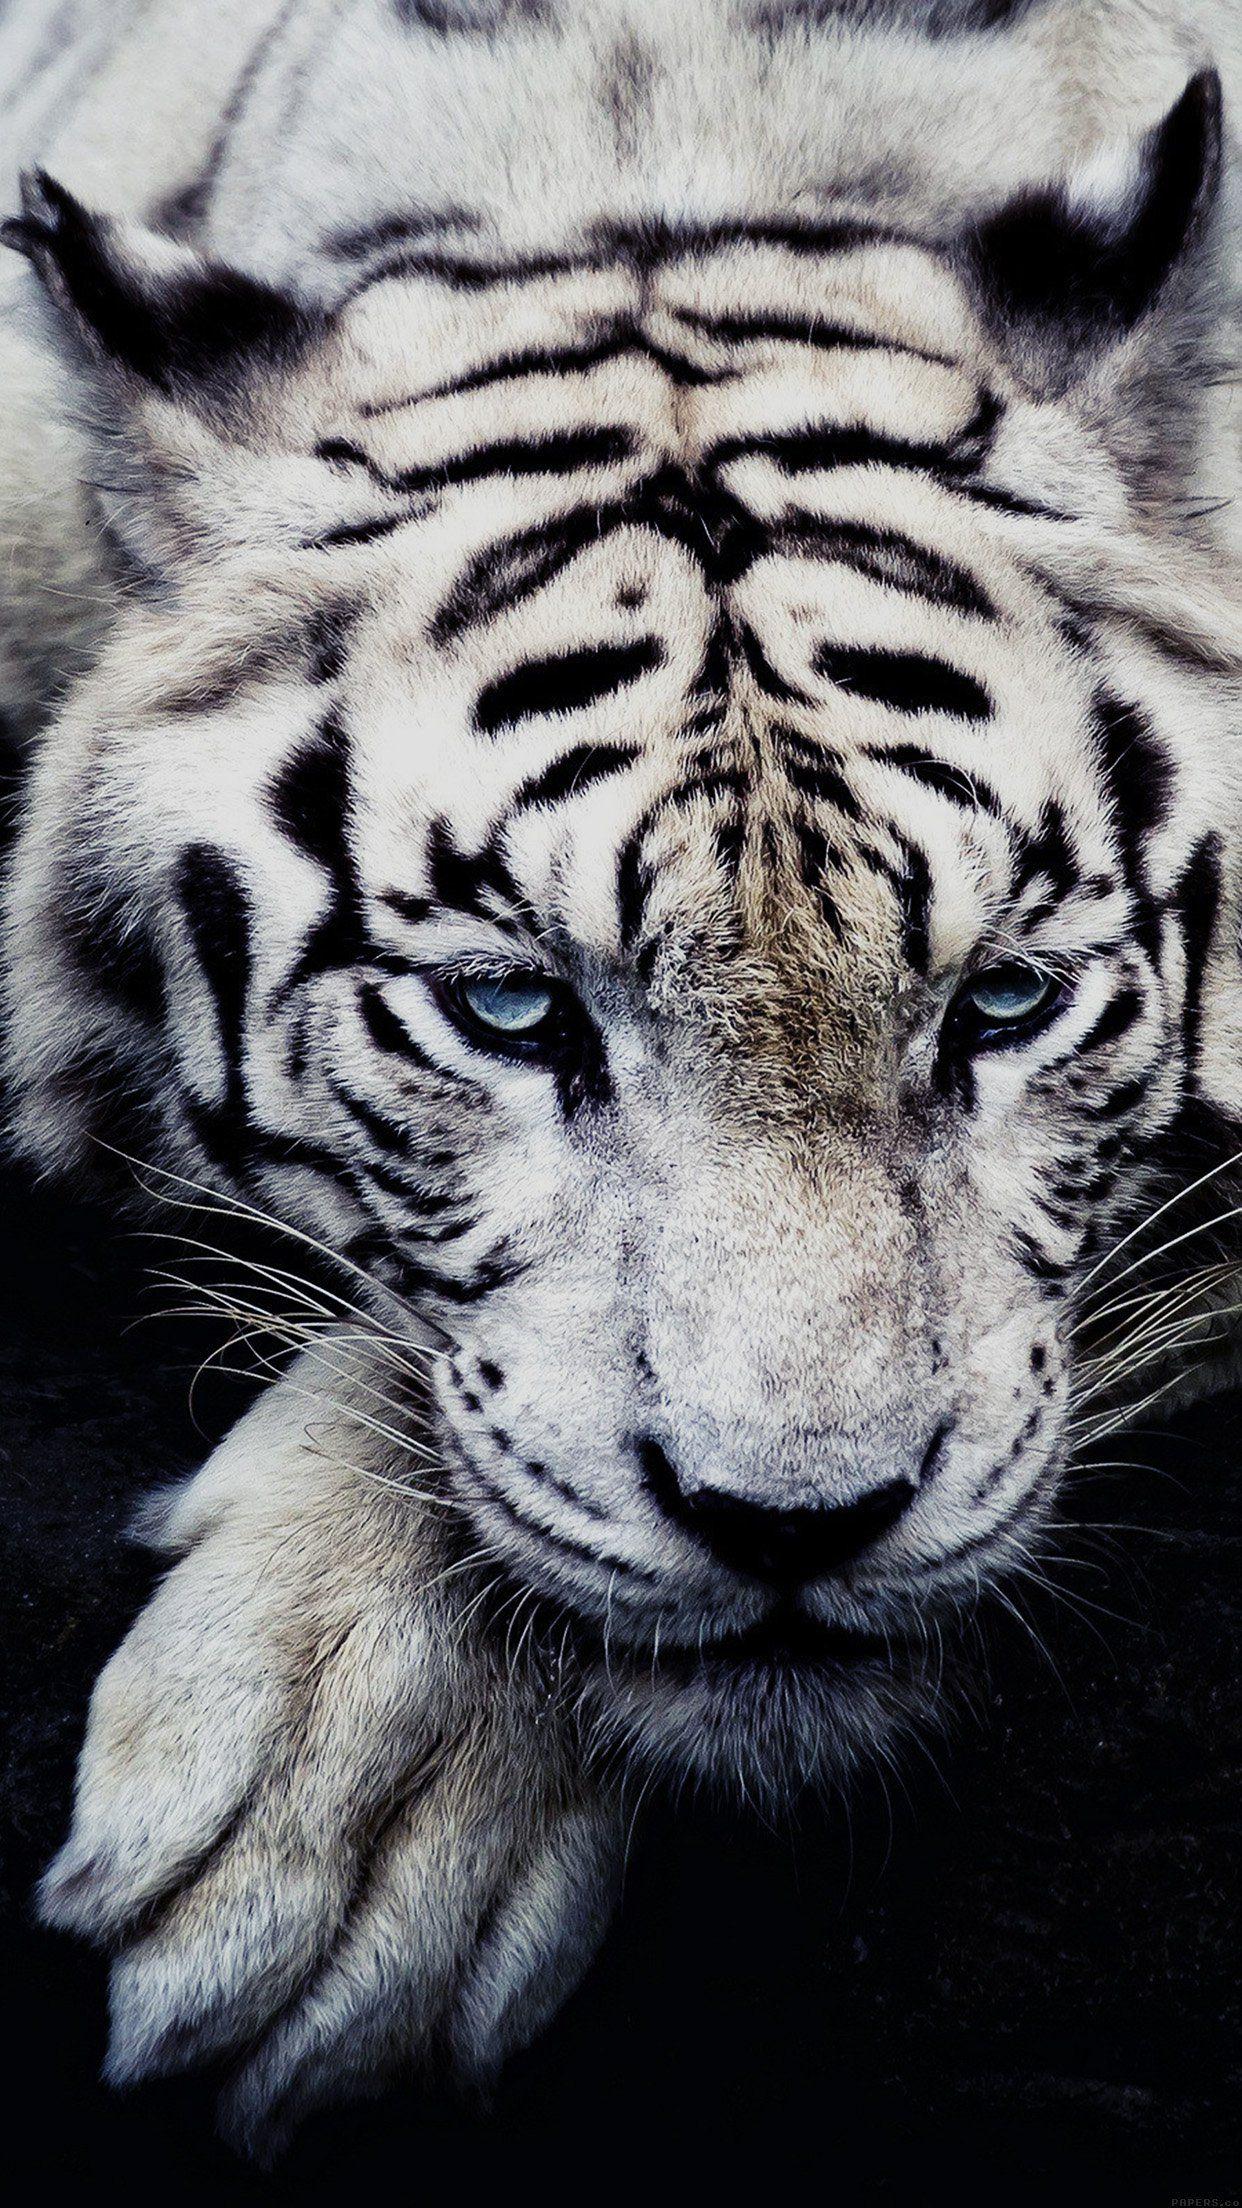 White Tiger Animal Iphone6 Plus Wallpaper Mobile Wallpapers Wild Animal Wallpaper Animals Wild Pet Tiger